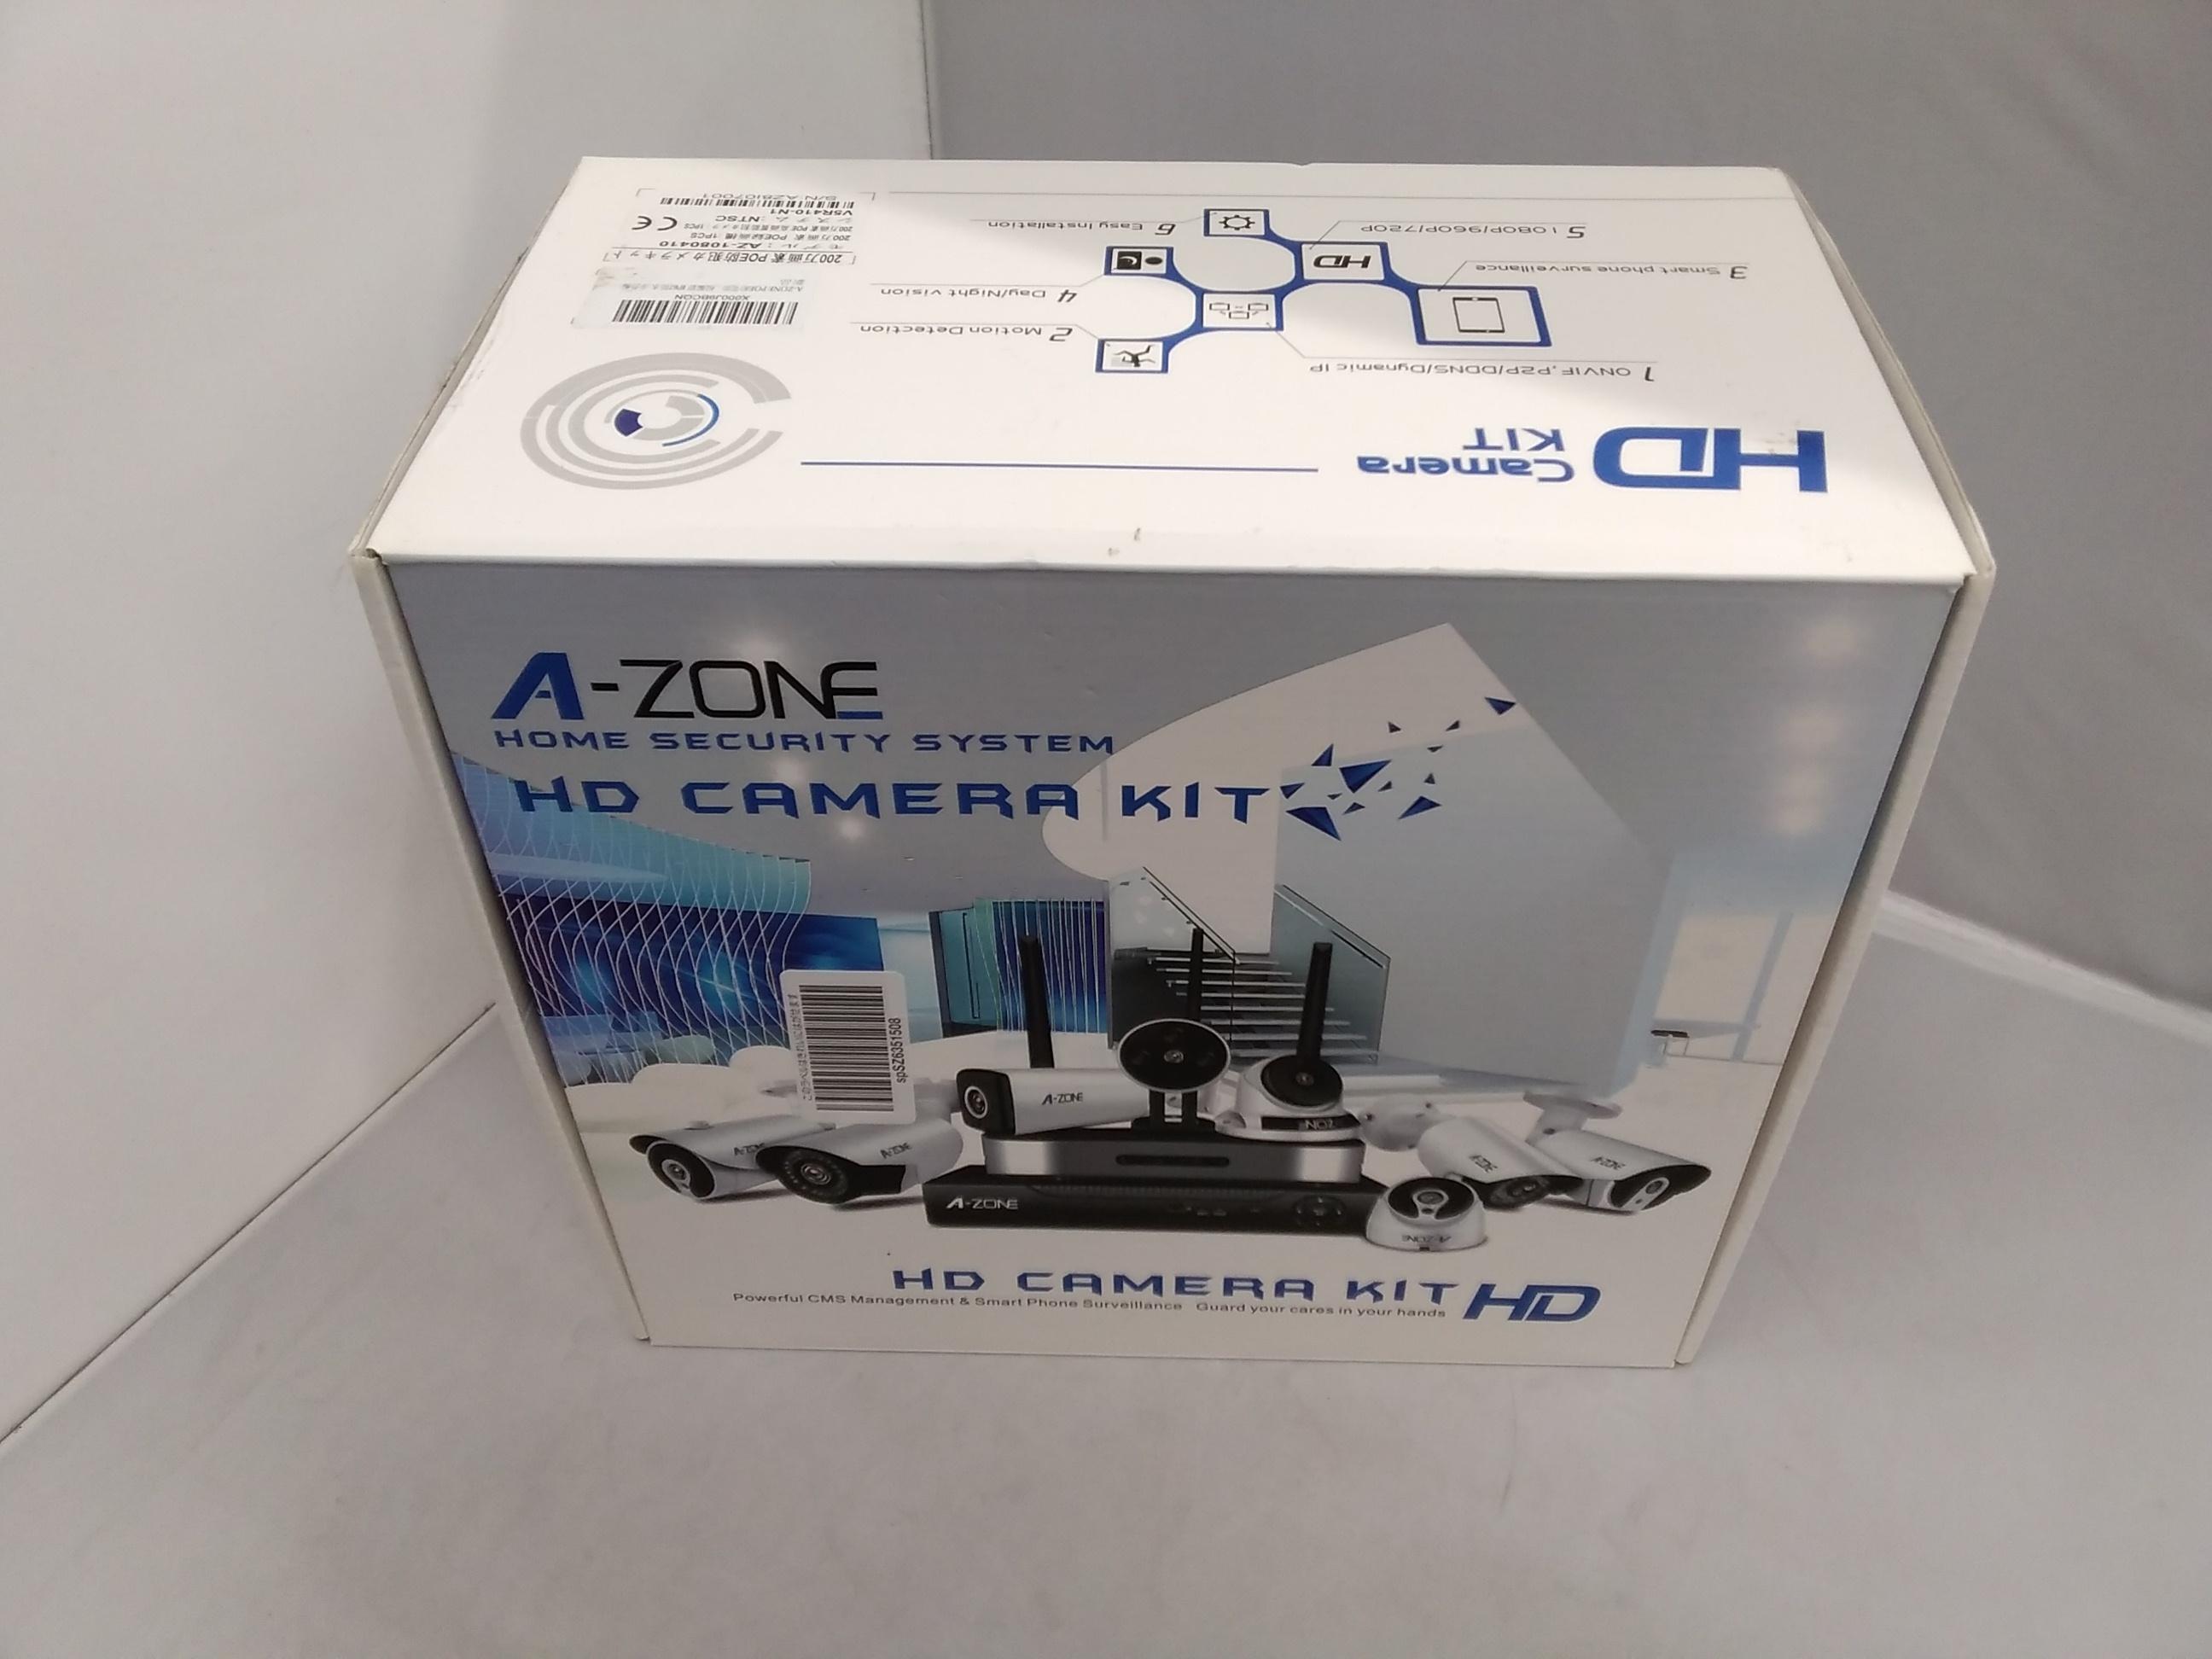 カメラアクセサリー関連商品|A-ZONE